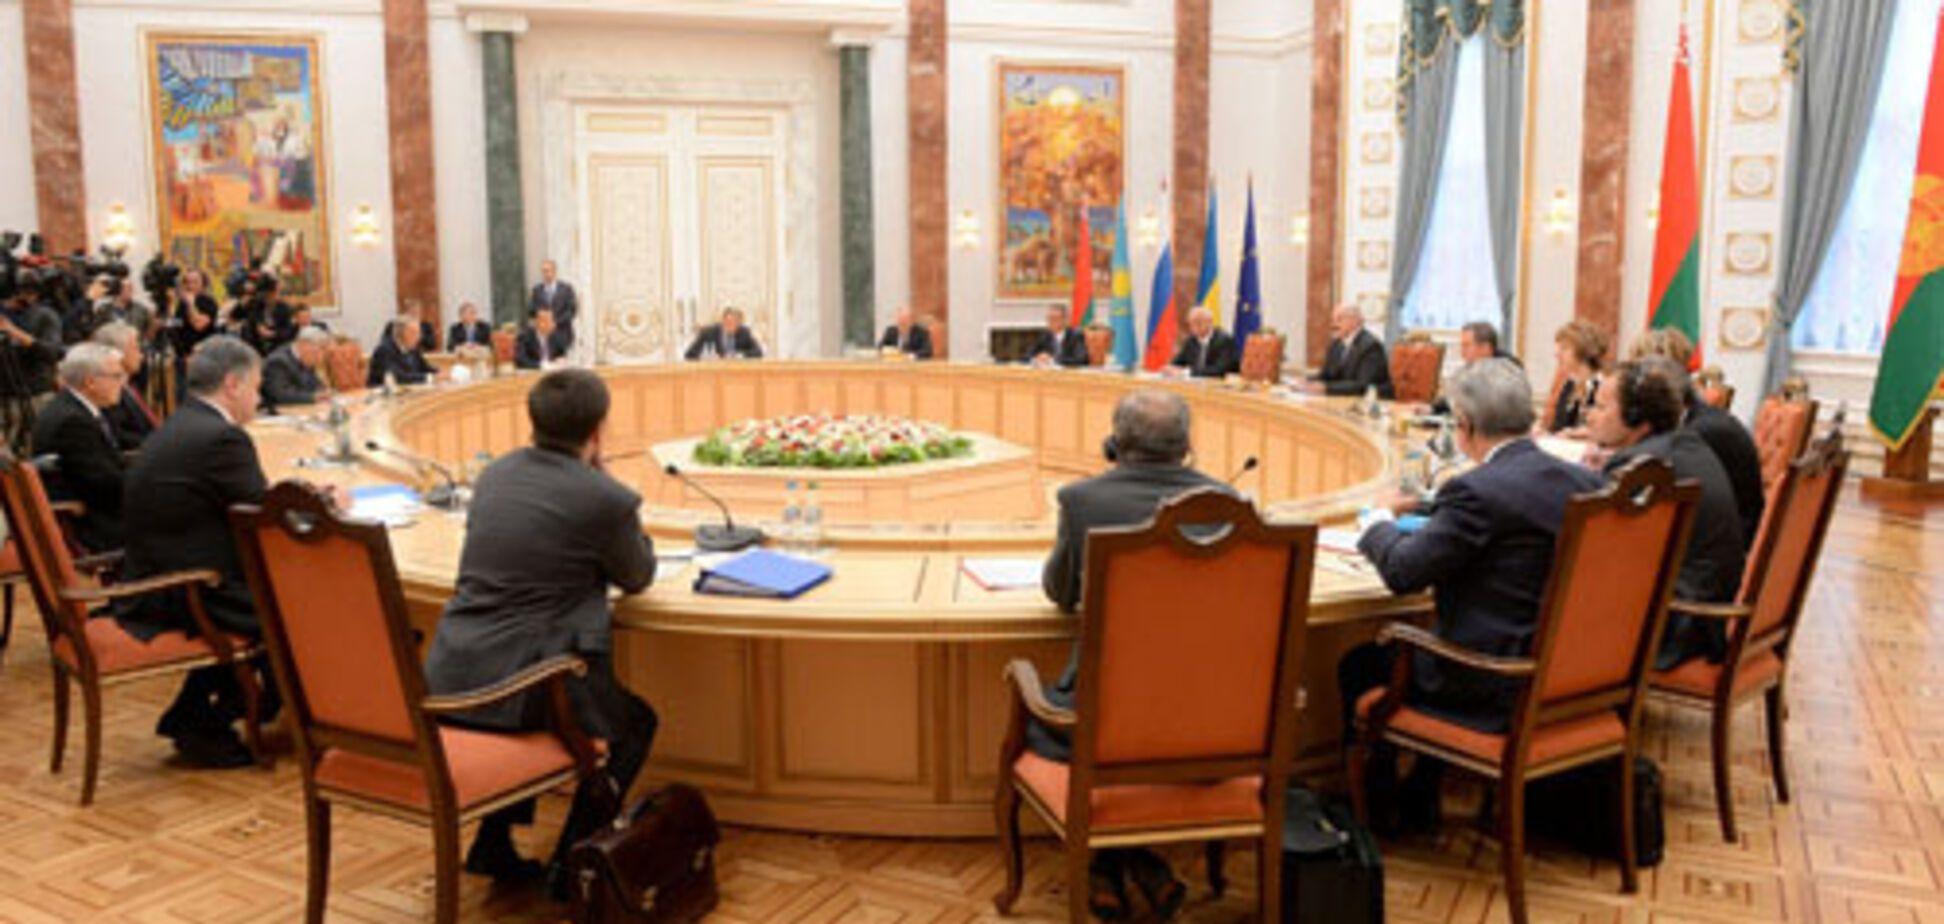 В Минске возобновляются переговоры по Донбассу: Зеленский готовит новую команду